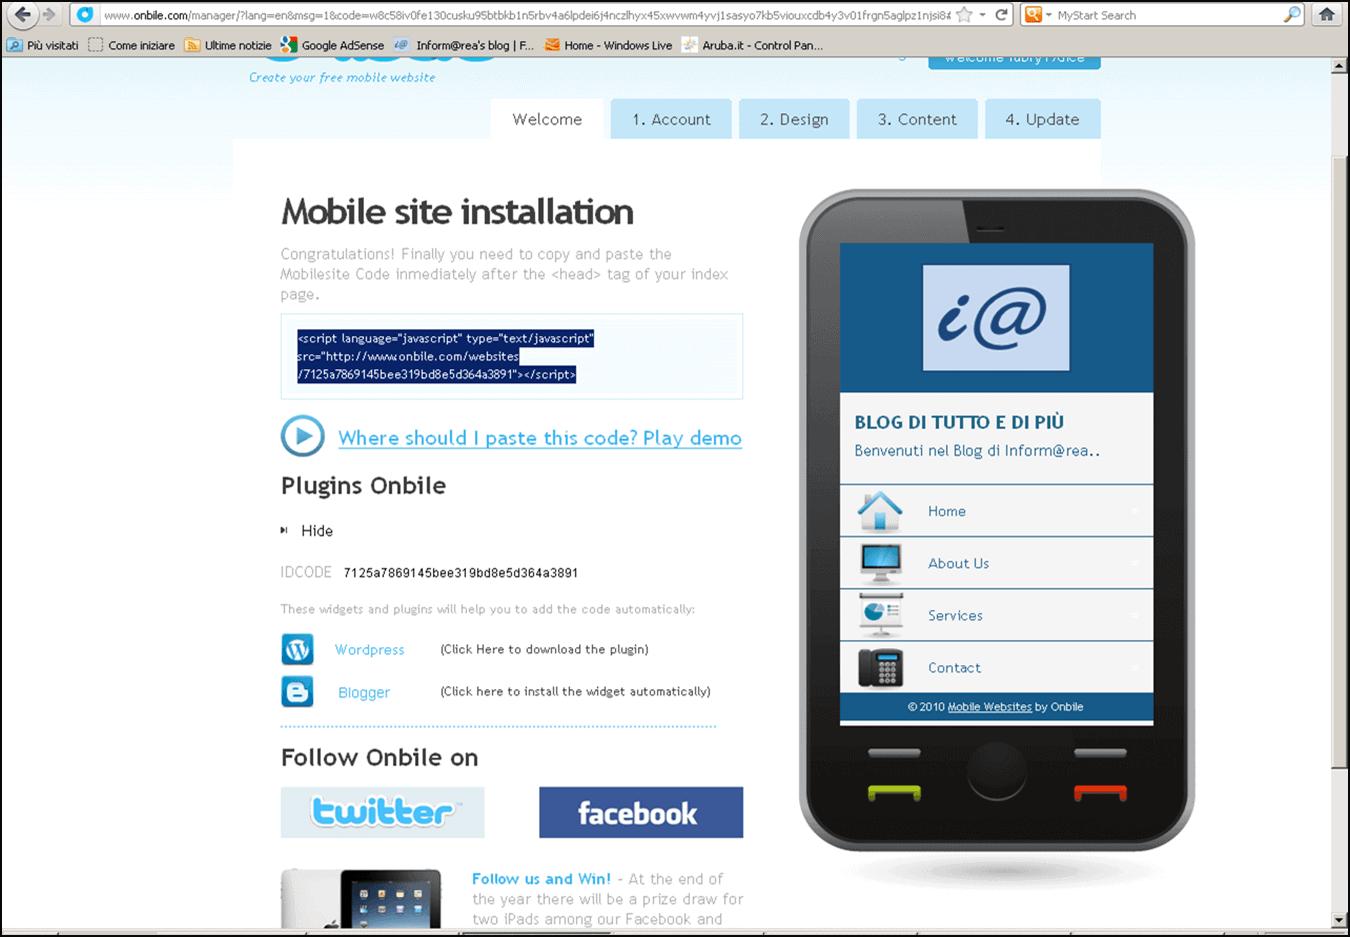 Onbile - Realizziamo una versione Mobile del nostro Sito web